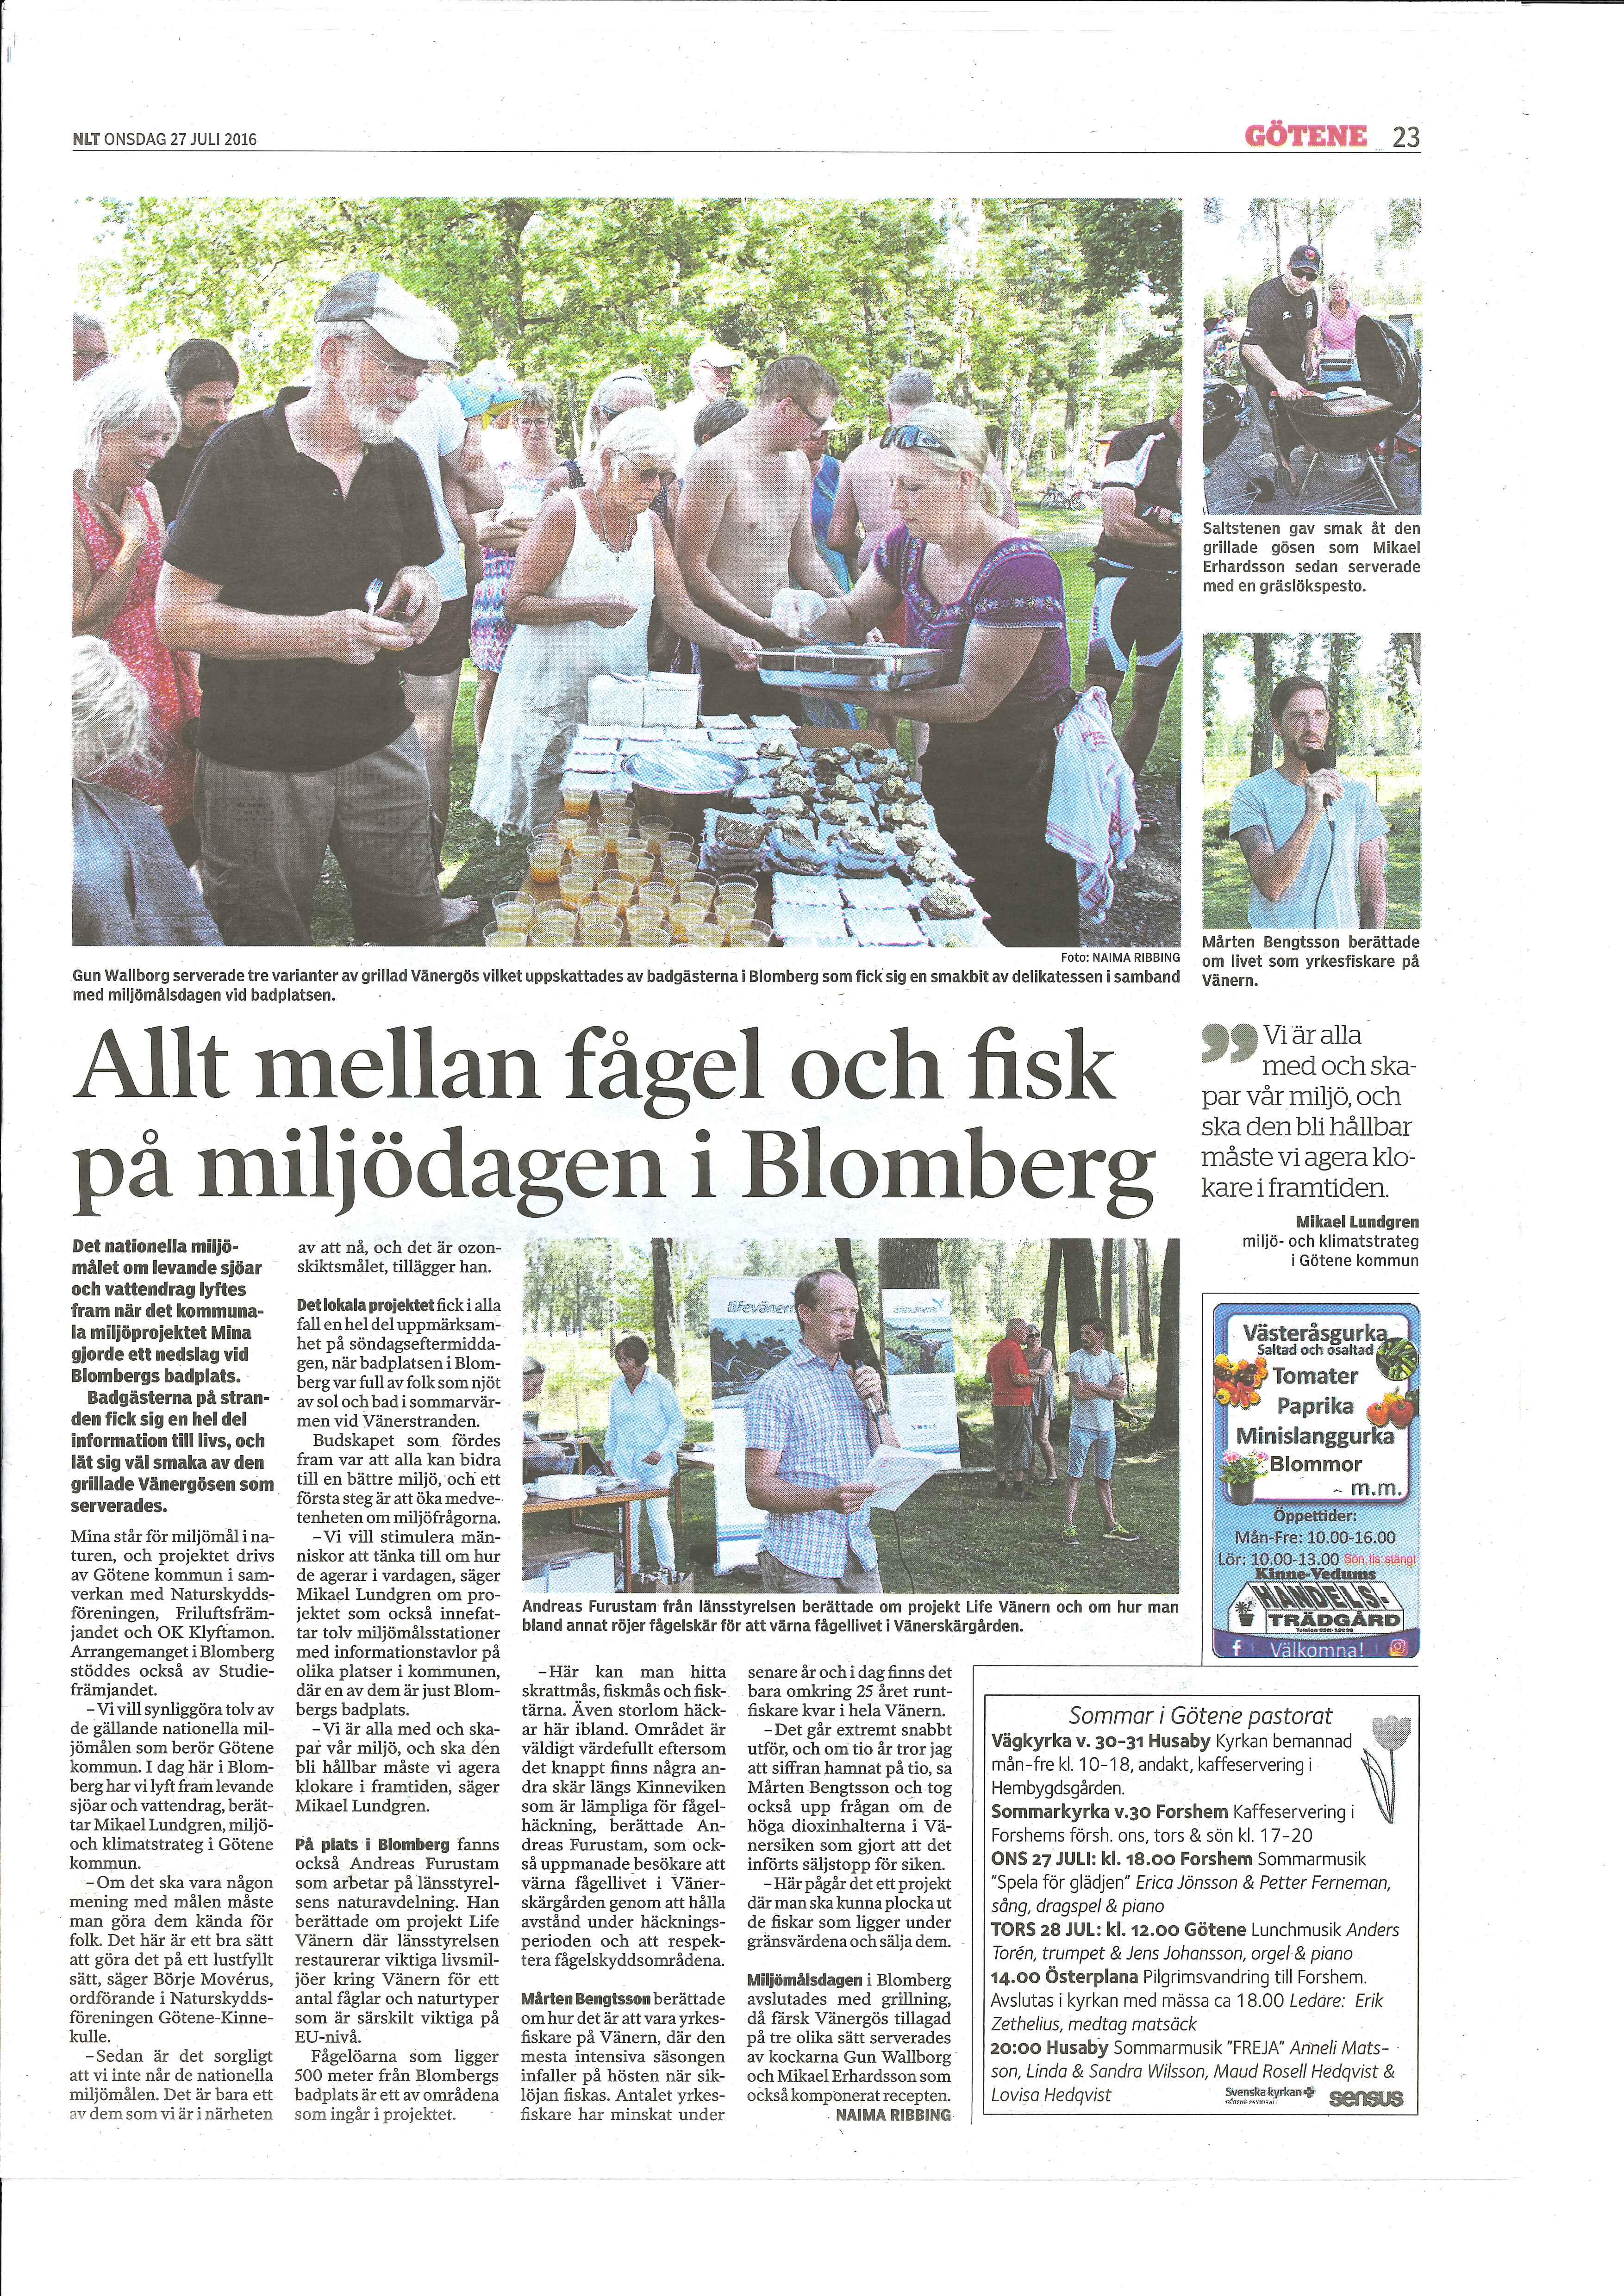 Artikel i Nya Lidköpings-Tidningen 2016-07-27